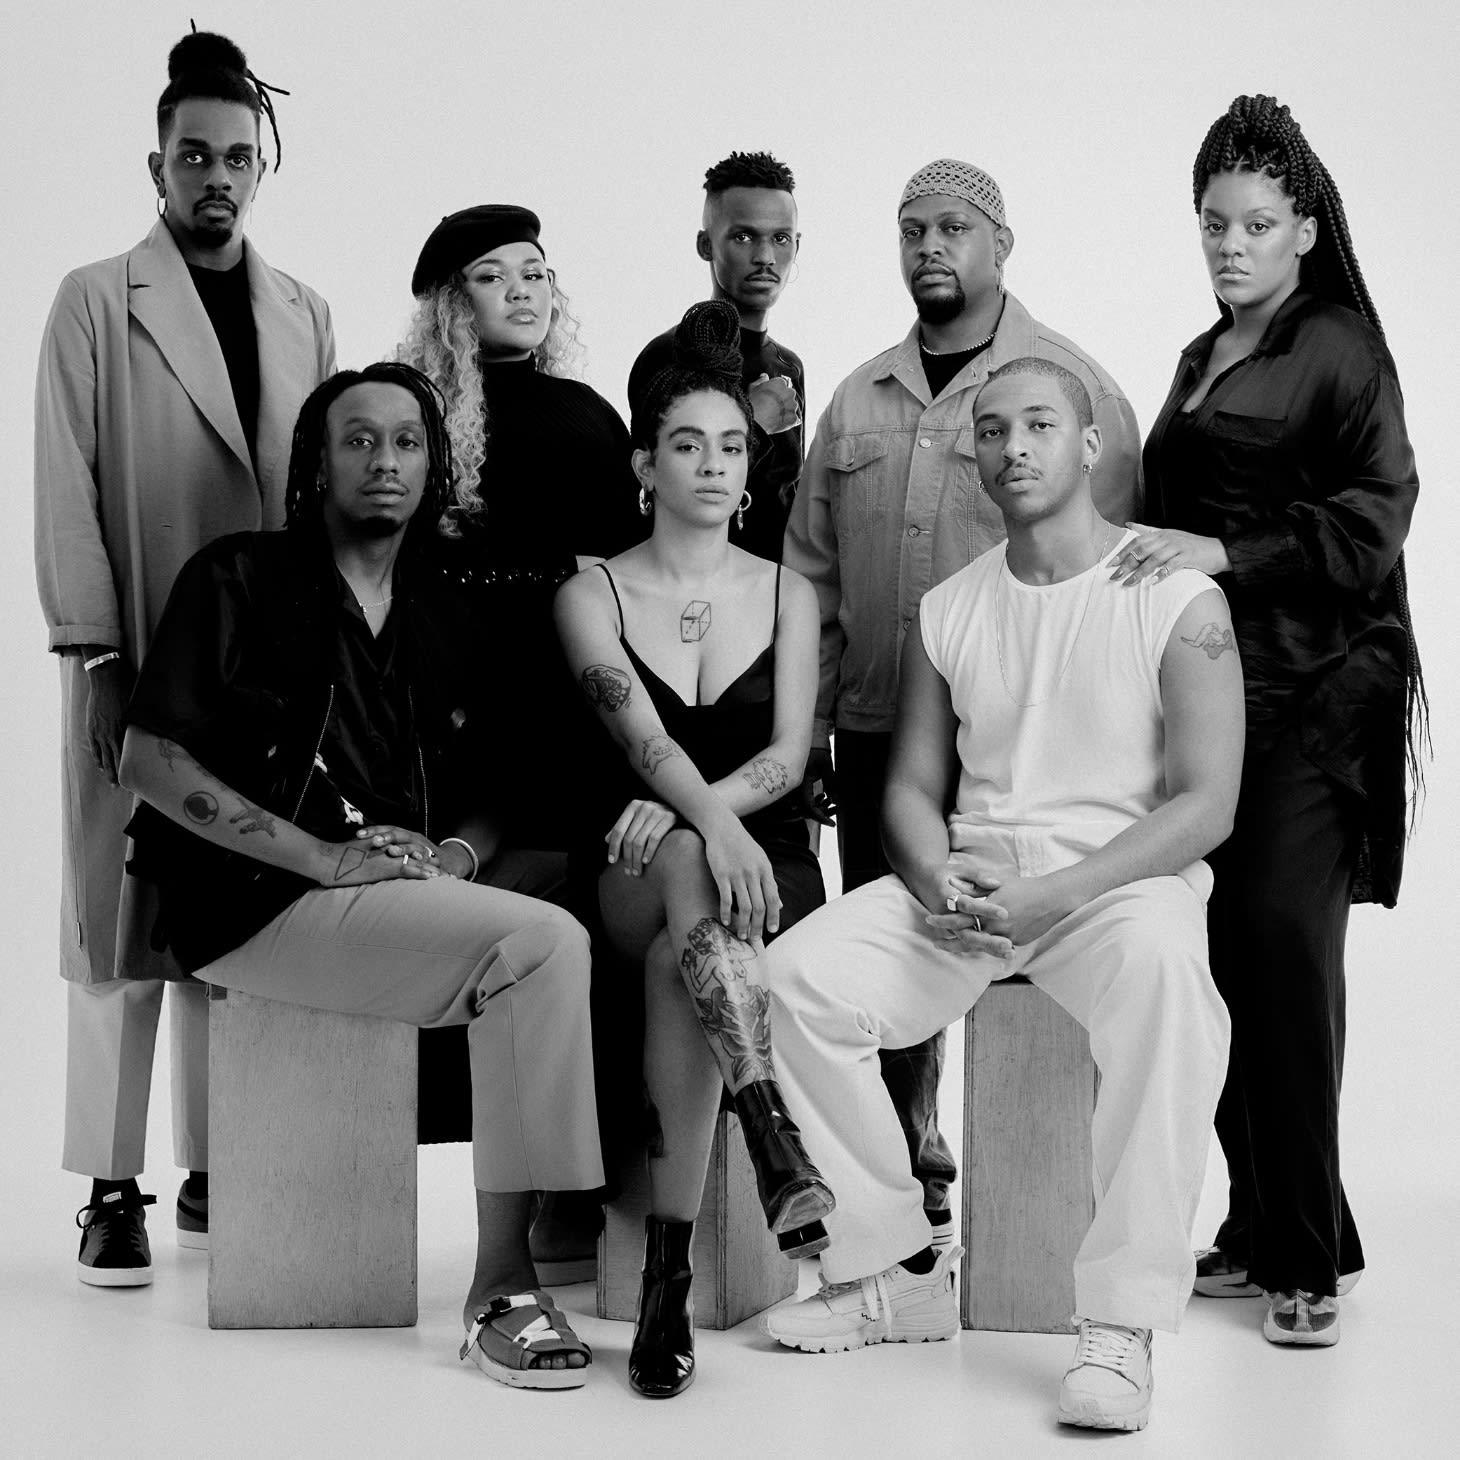 8 pessoas estão pousando para foto em grupo, 5 em pé e 3 sentados à frente. Todos estão olhando pra câmera com serenidade.